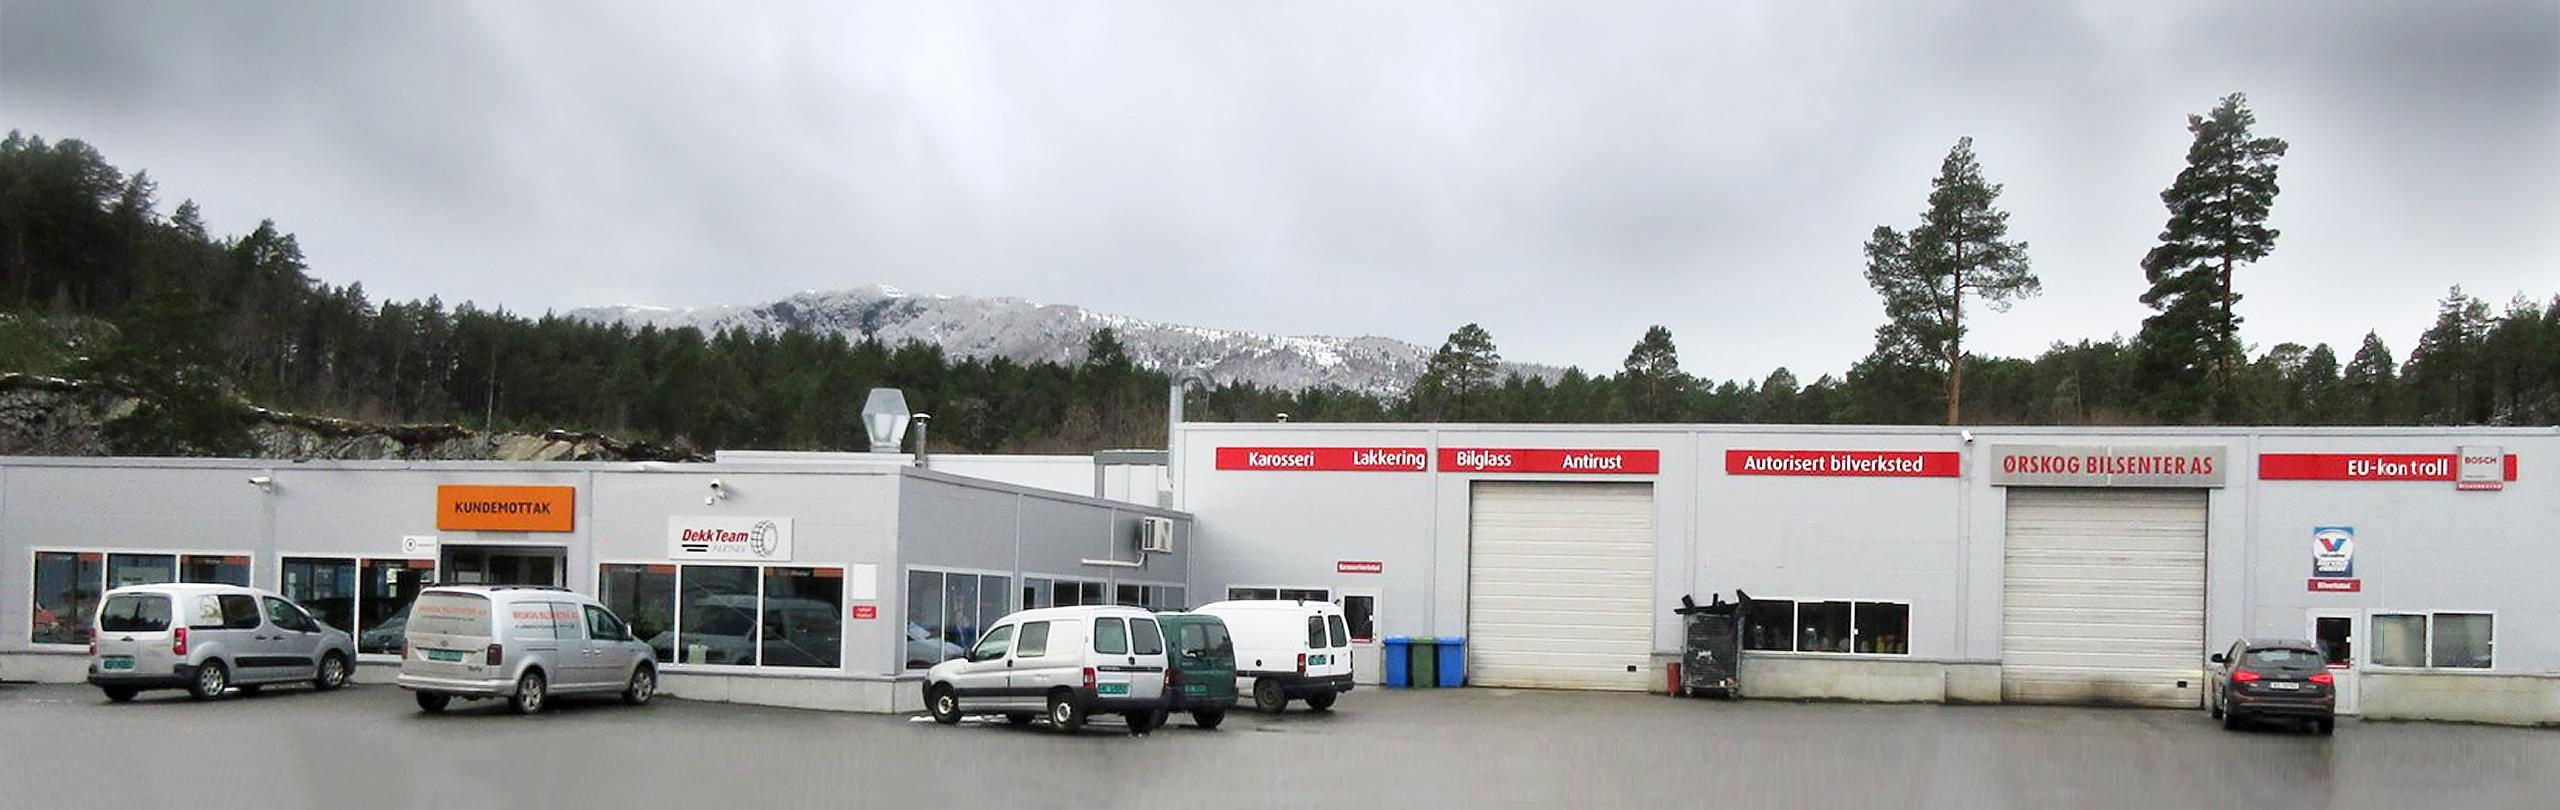 Ørskog bilsenter